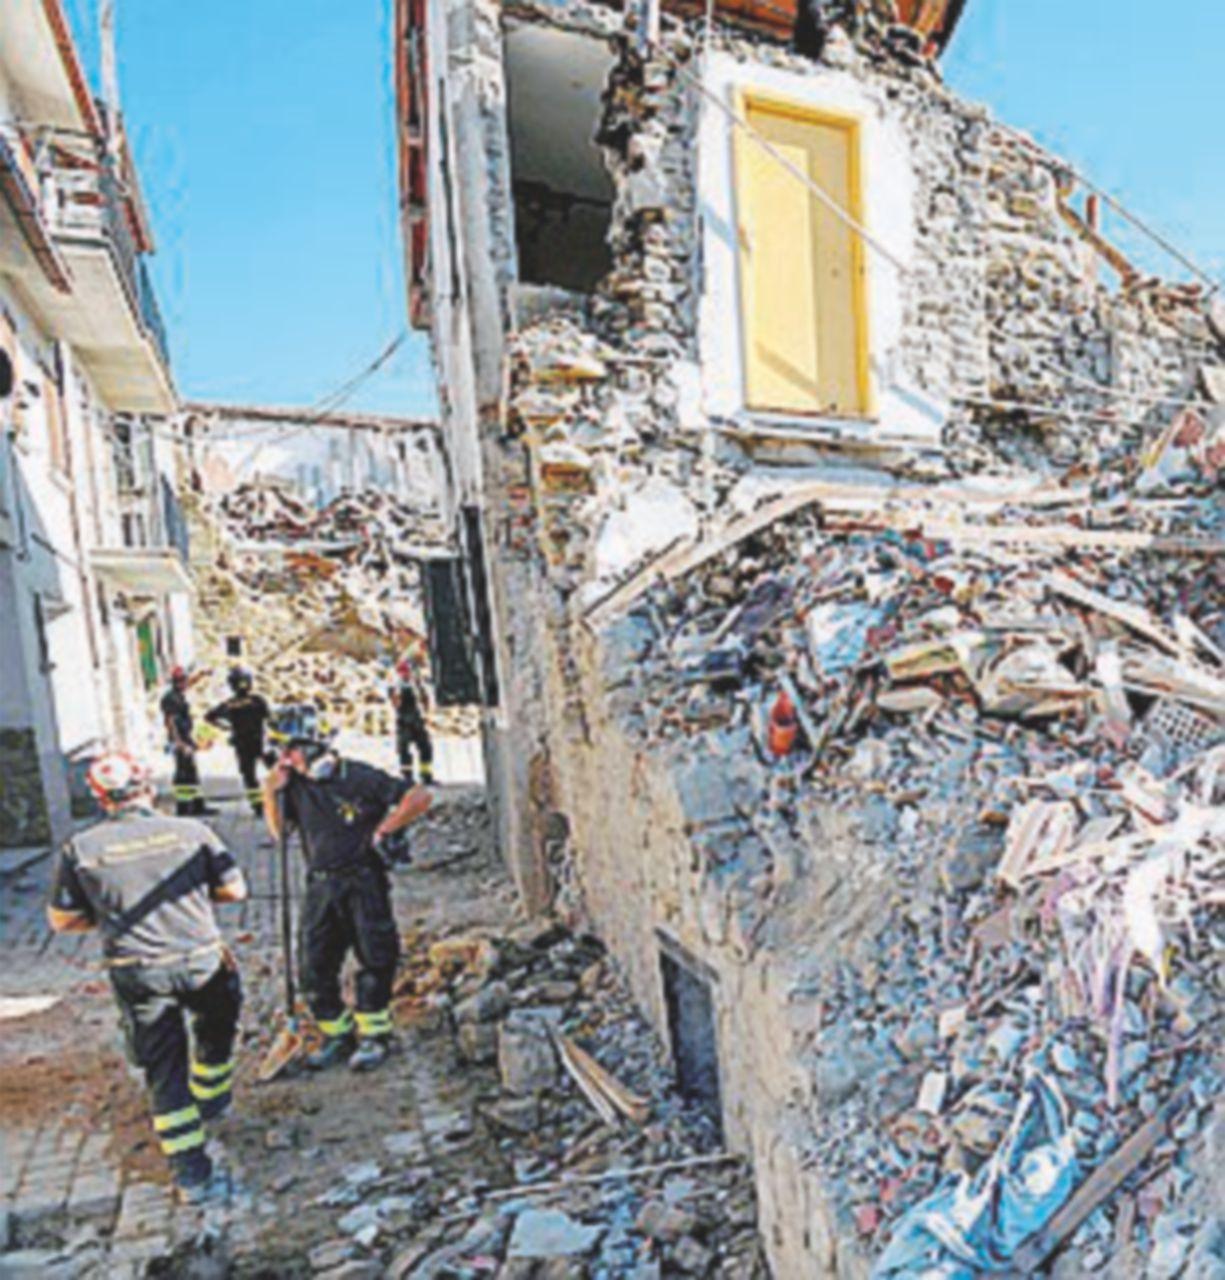 Crolli sospetti, sigilli a tutti gli edifici. I pm: tra un mese si potrà ricostruire